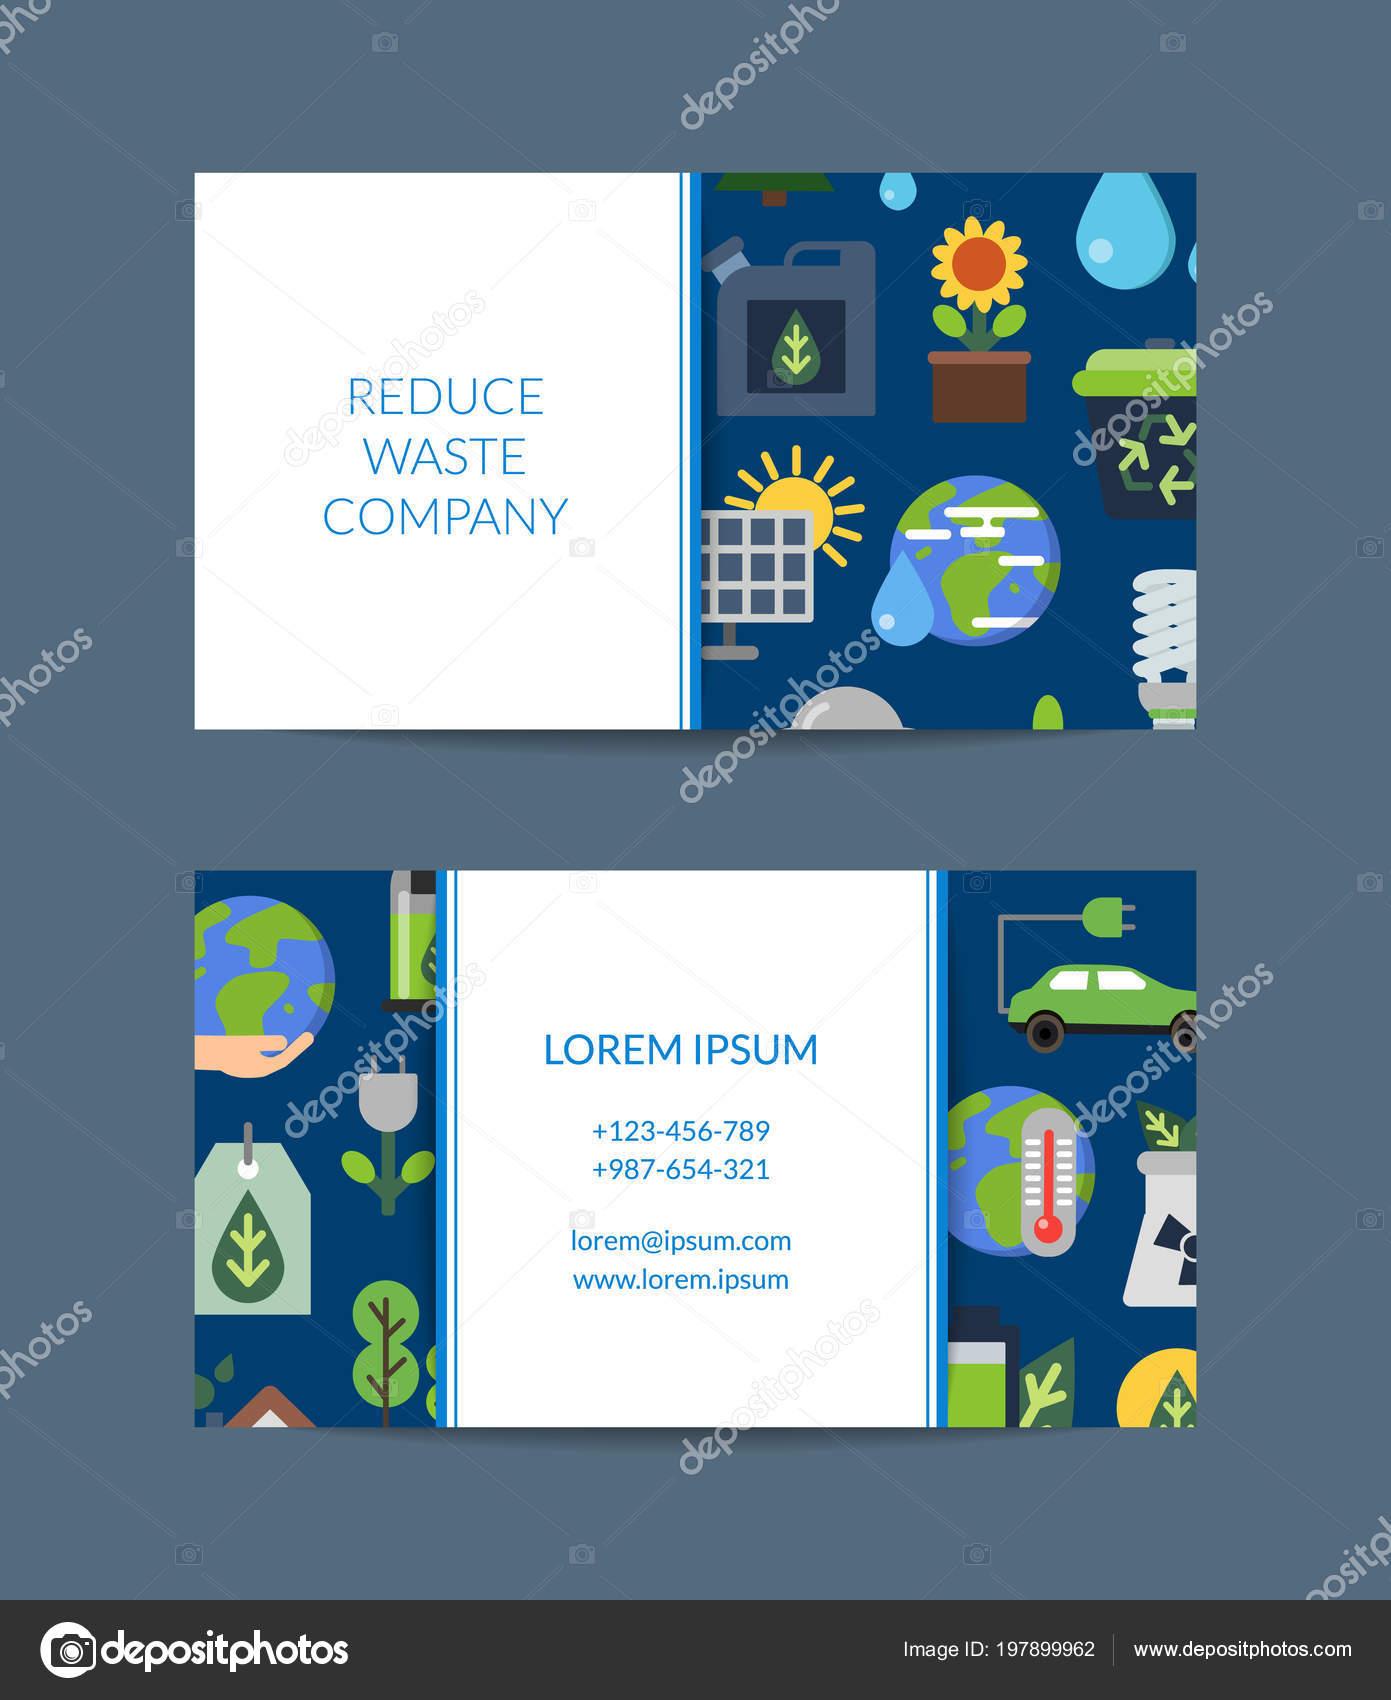 Vektor Visitenkarte Für Recycling Unternehmen Mit Flachen